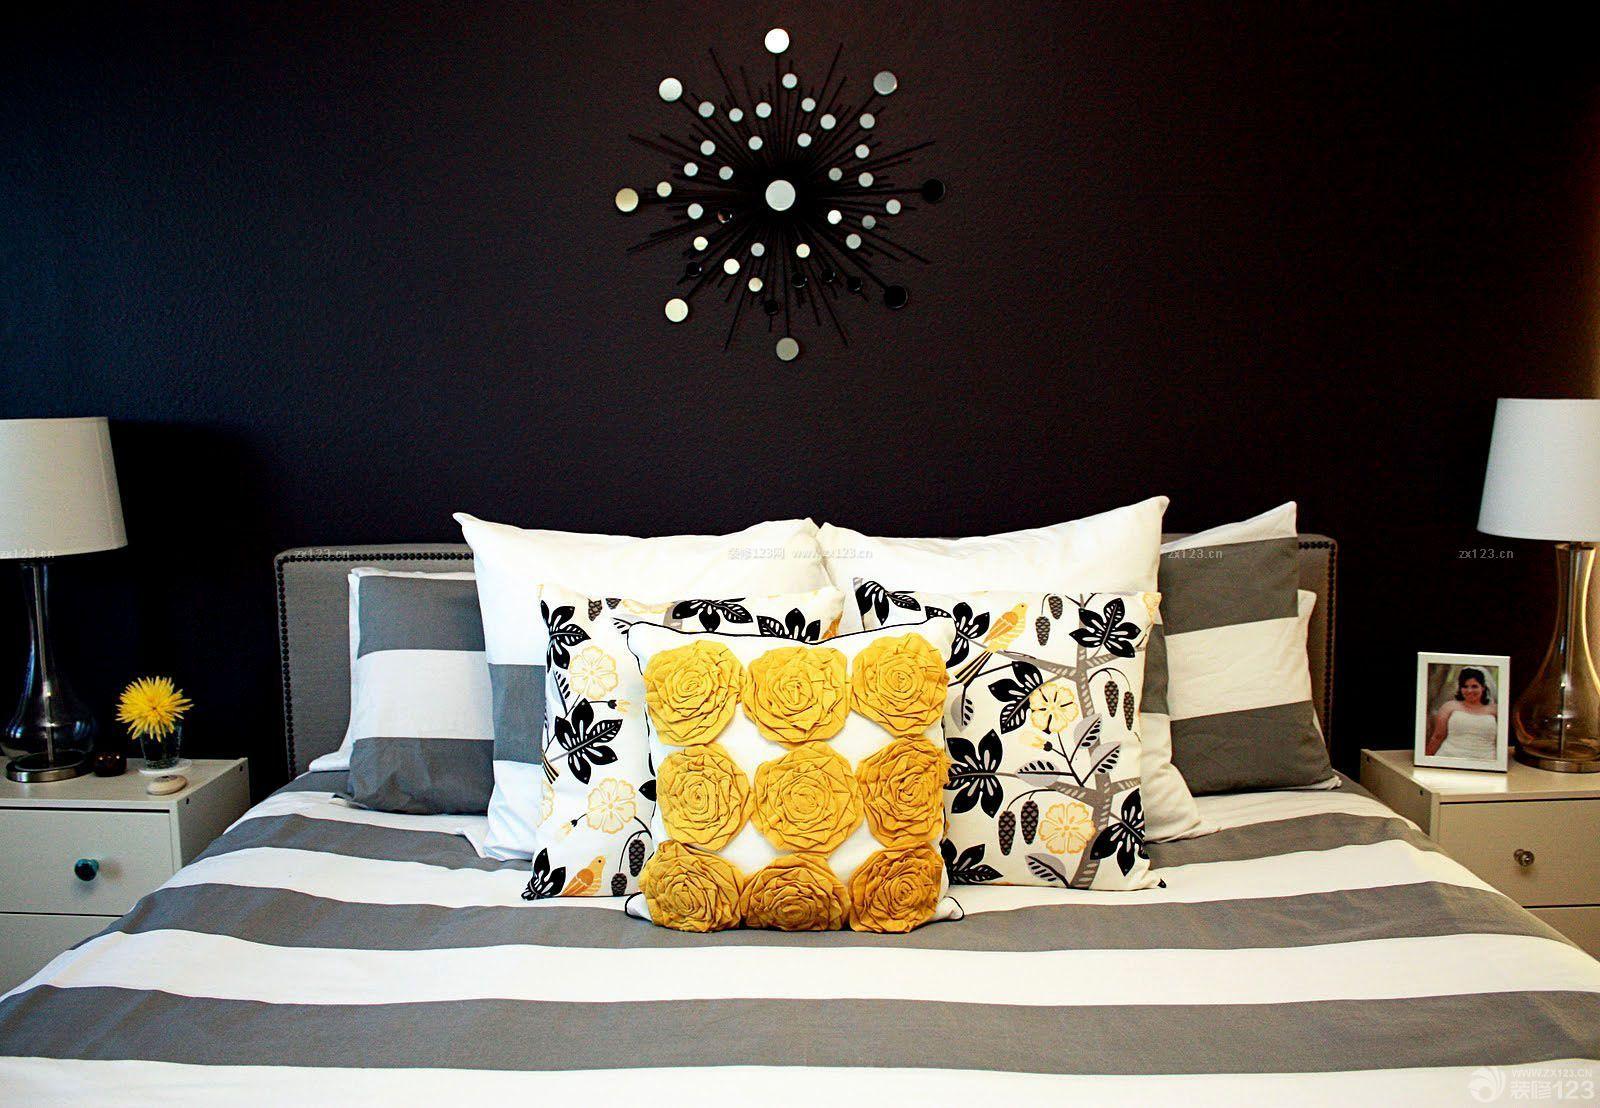 最新时尚家庭黑色墙面装饰装修效果图